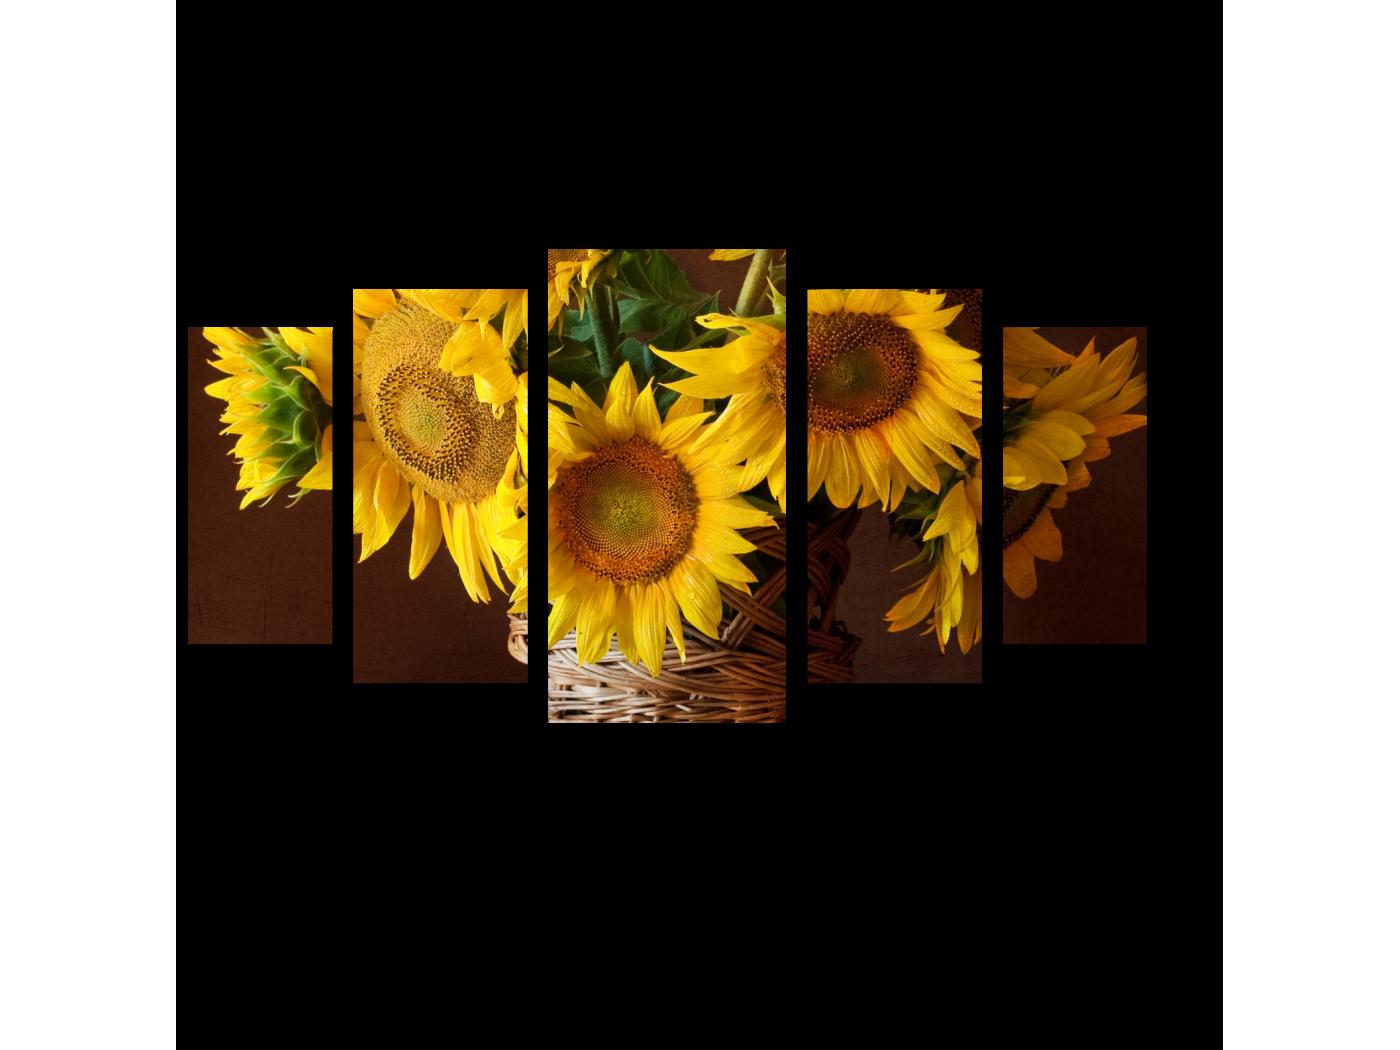 Модульная картина Солнечные цветы (100x55) фото